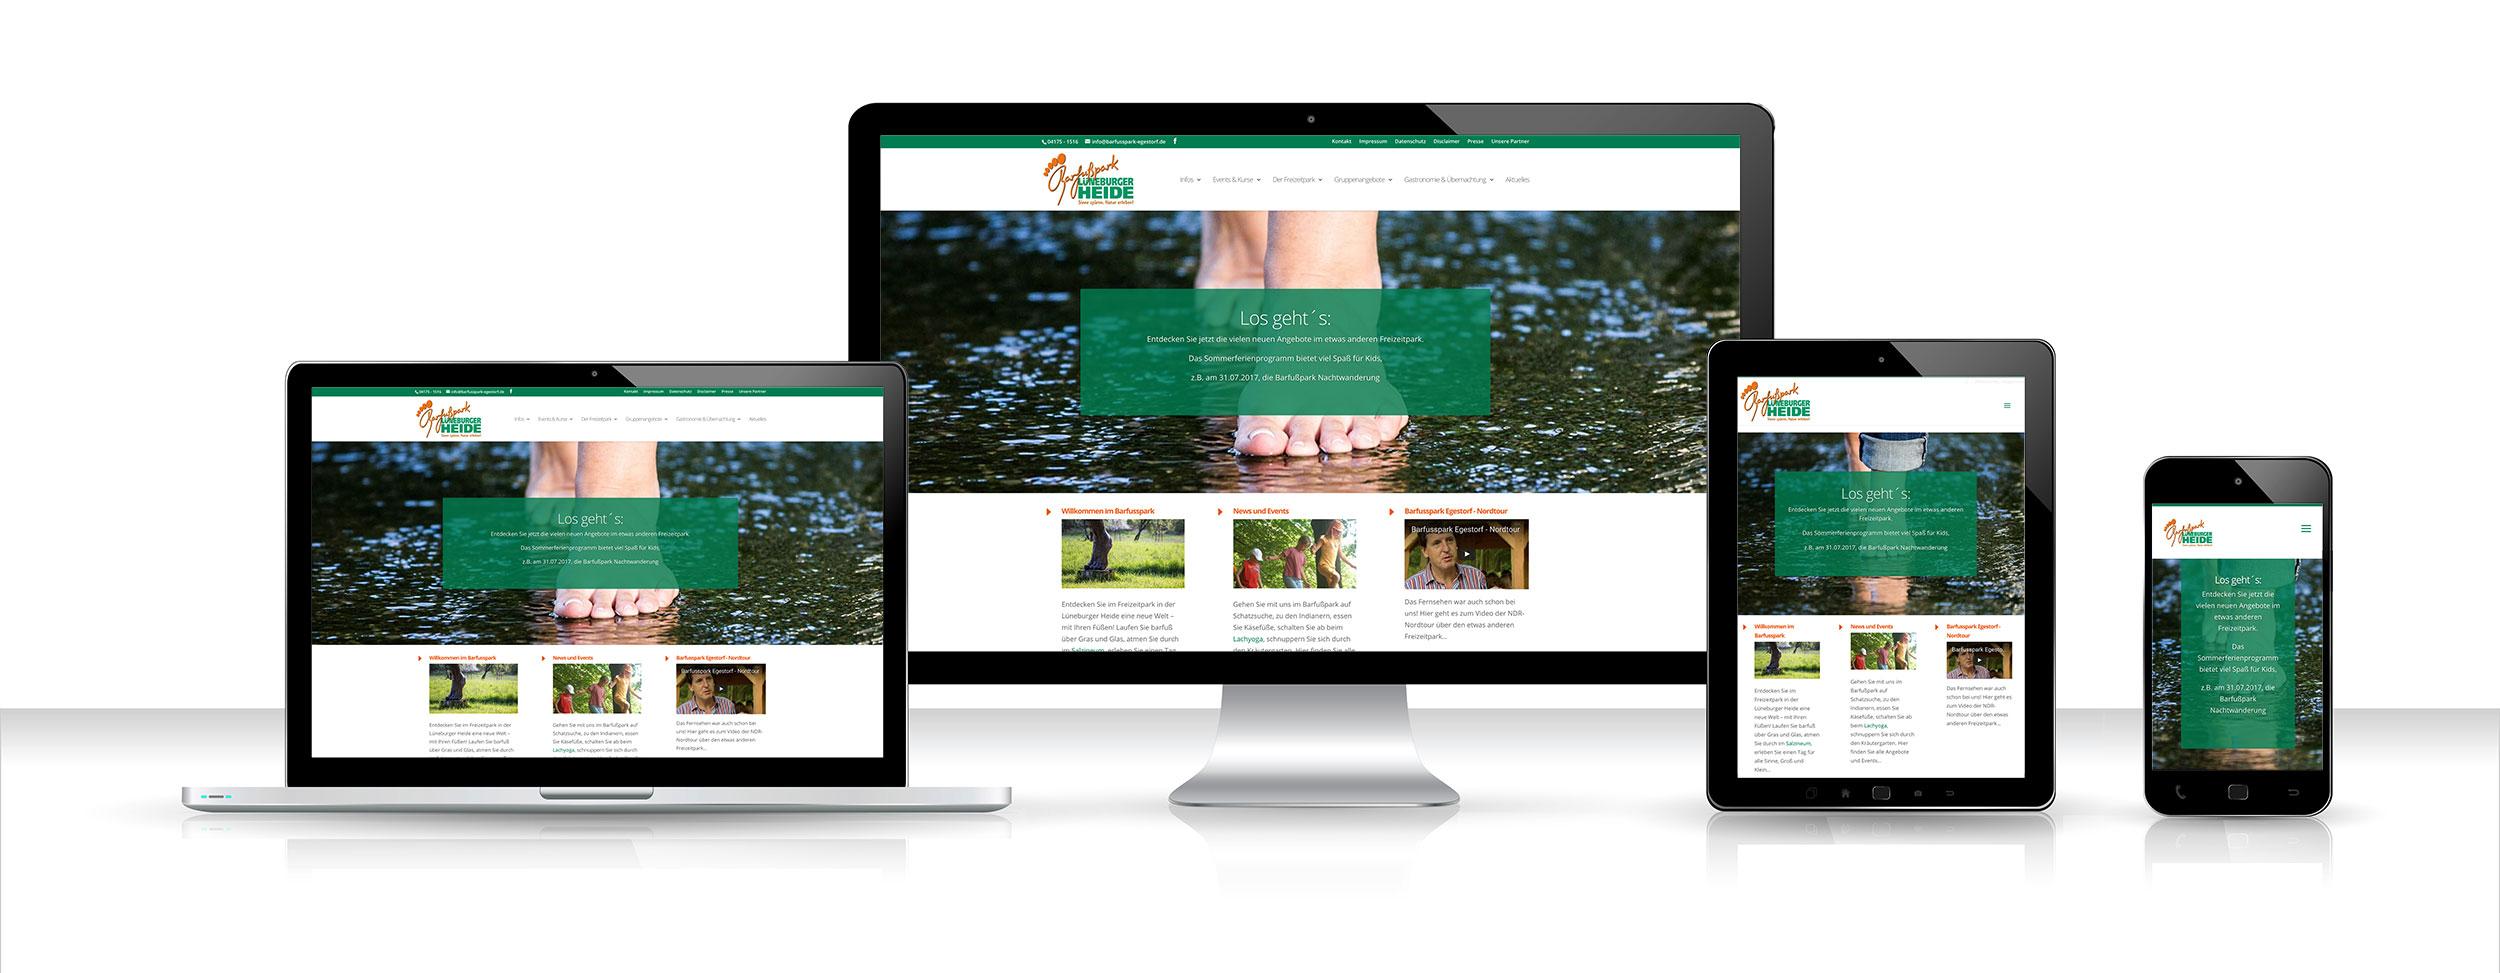 Webdesign, Barfusspark Egestorf